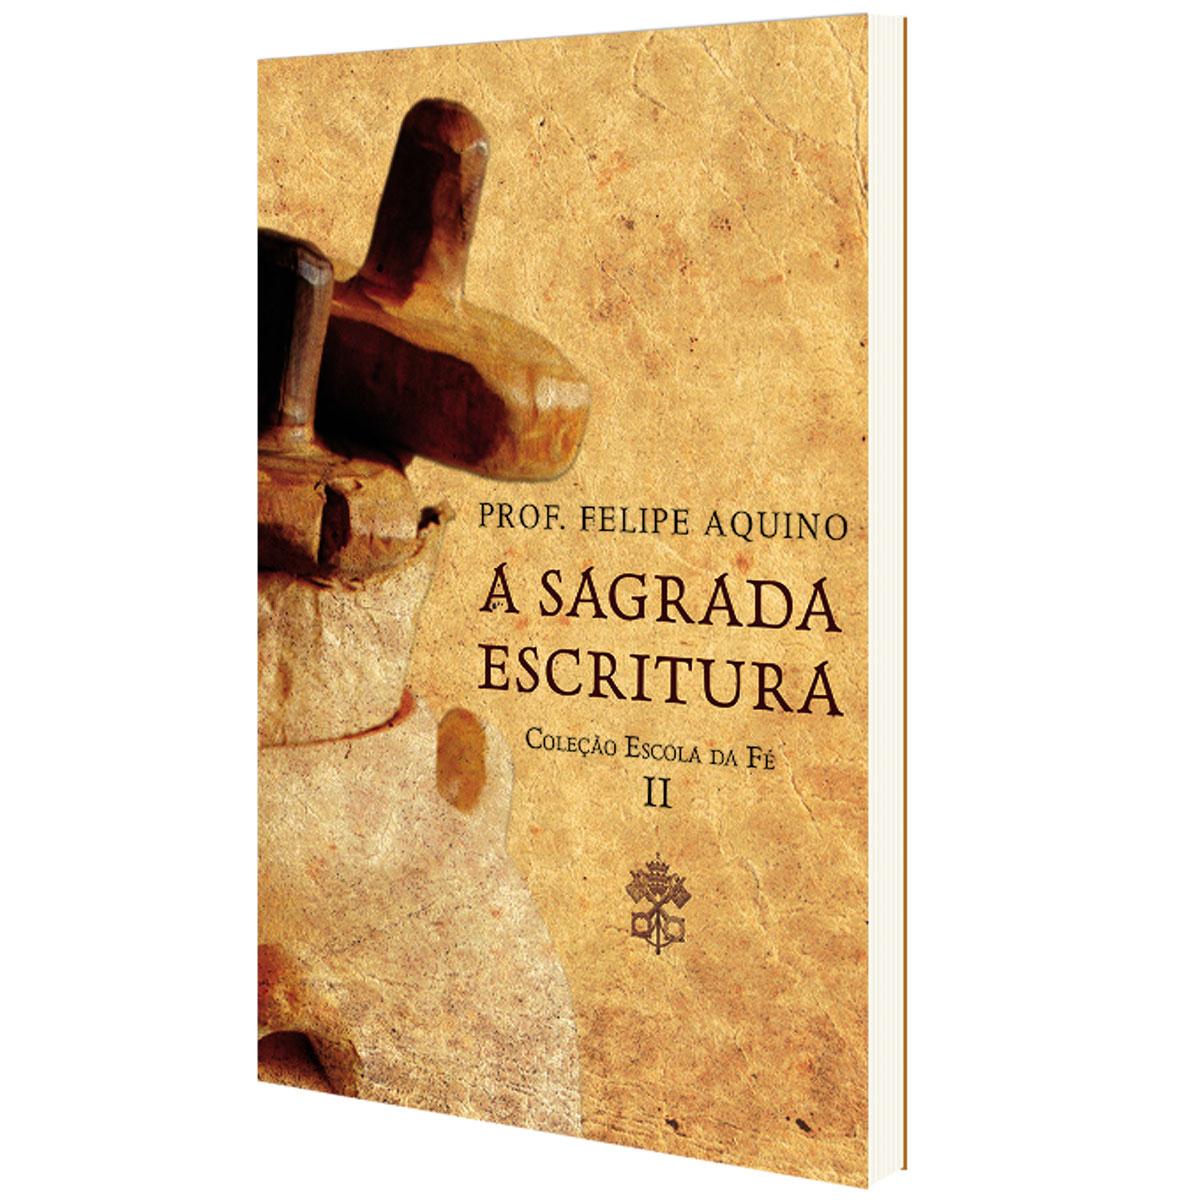 A Sagrada Escritura - Coleção Escola da Fé II - Prof. Felipe Aquino  - VindVedShop - Distribuidora Catolica